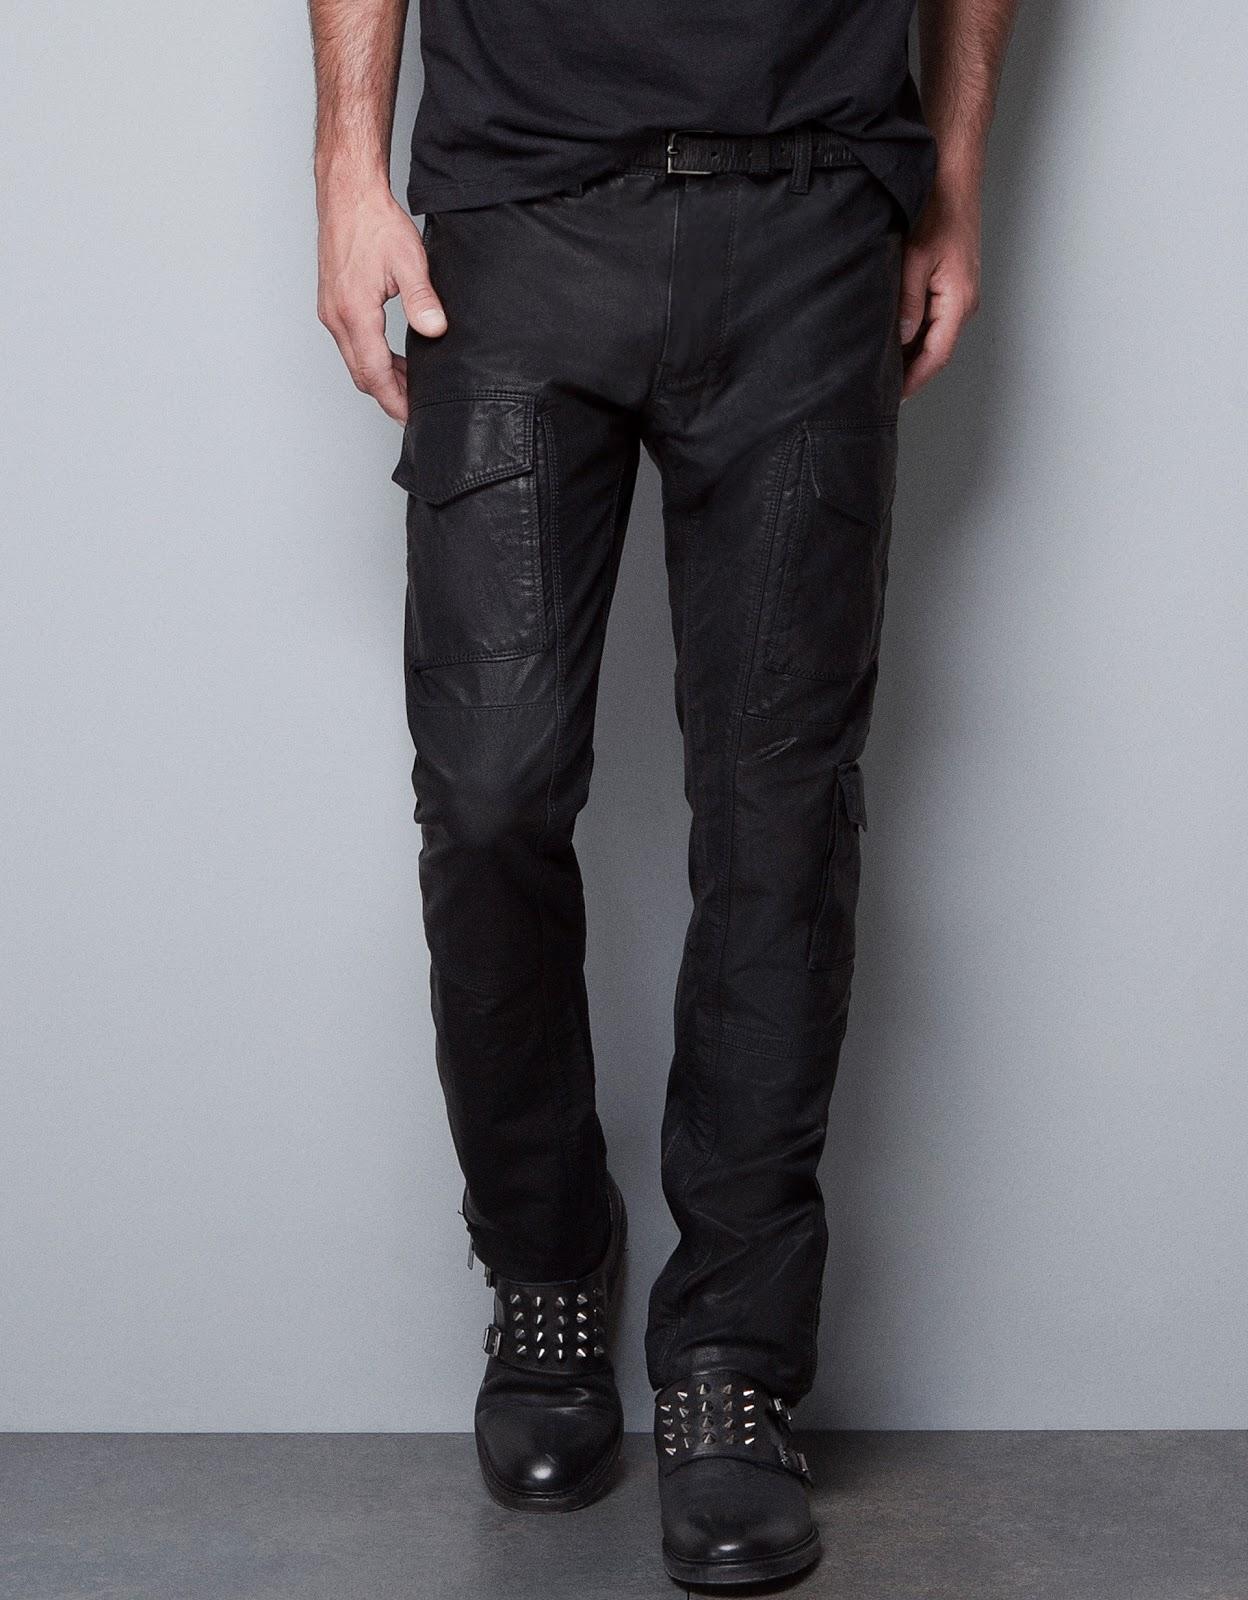 http://1.bp.blogspot.com/-KZ5l_3ZDLzA/UIFdZ0VmkMI/AAAAAAAABvs/F25CvQzgEJE/s1600/Men\'s+leather+pants.jpeg